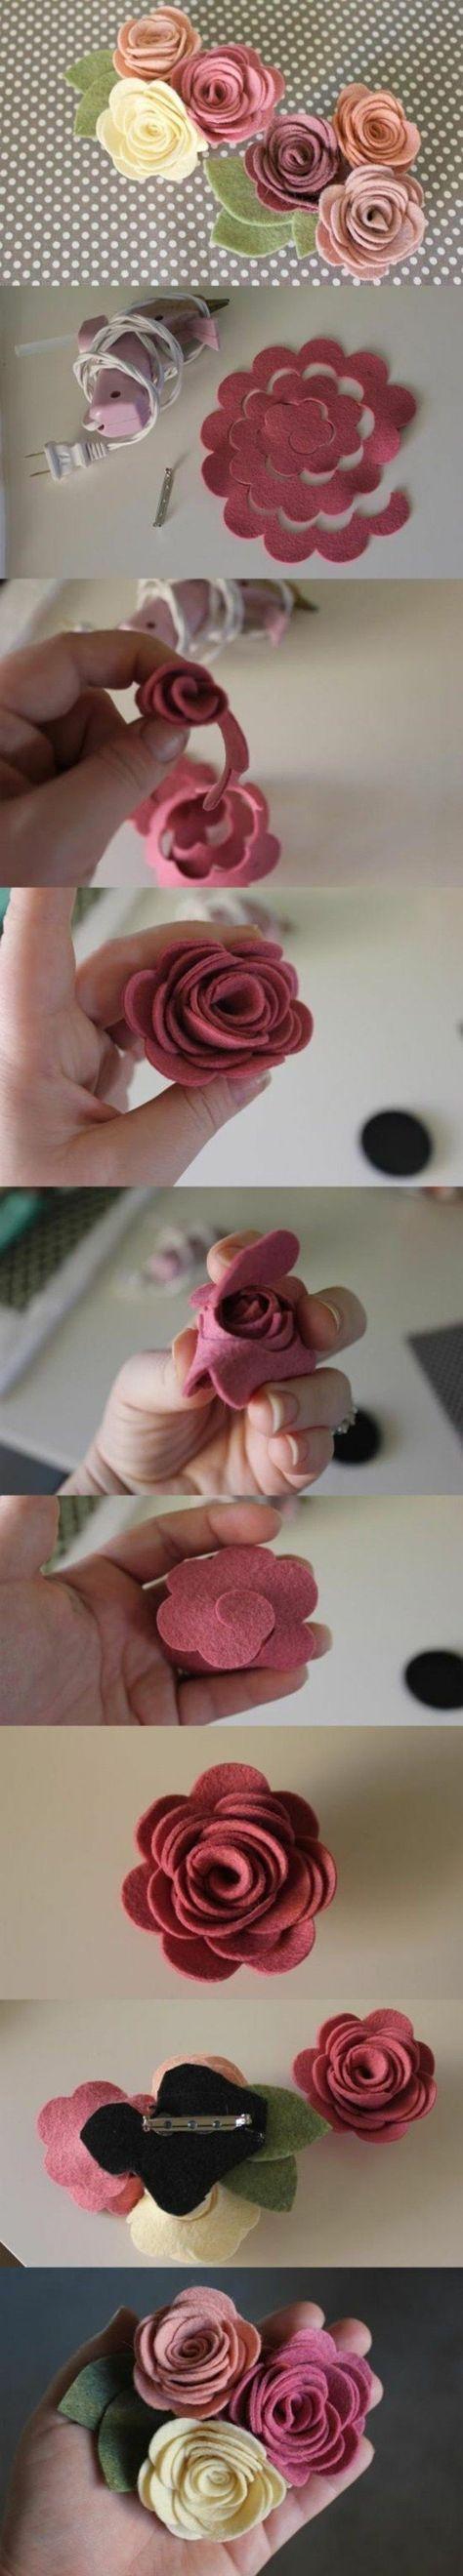 fleur de tissu, idée comment faire des fleurs en feutrine, petites roses à utiliser pour personnaliser une barrette